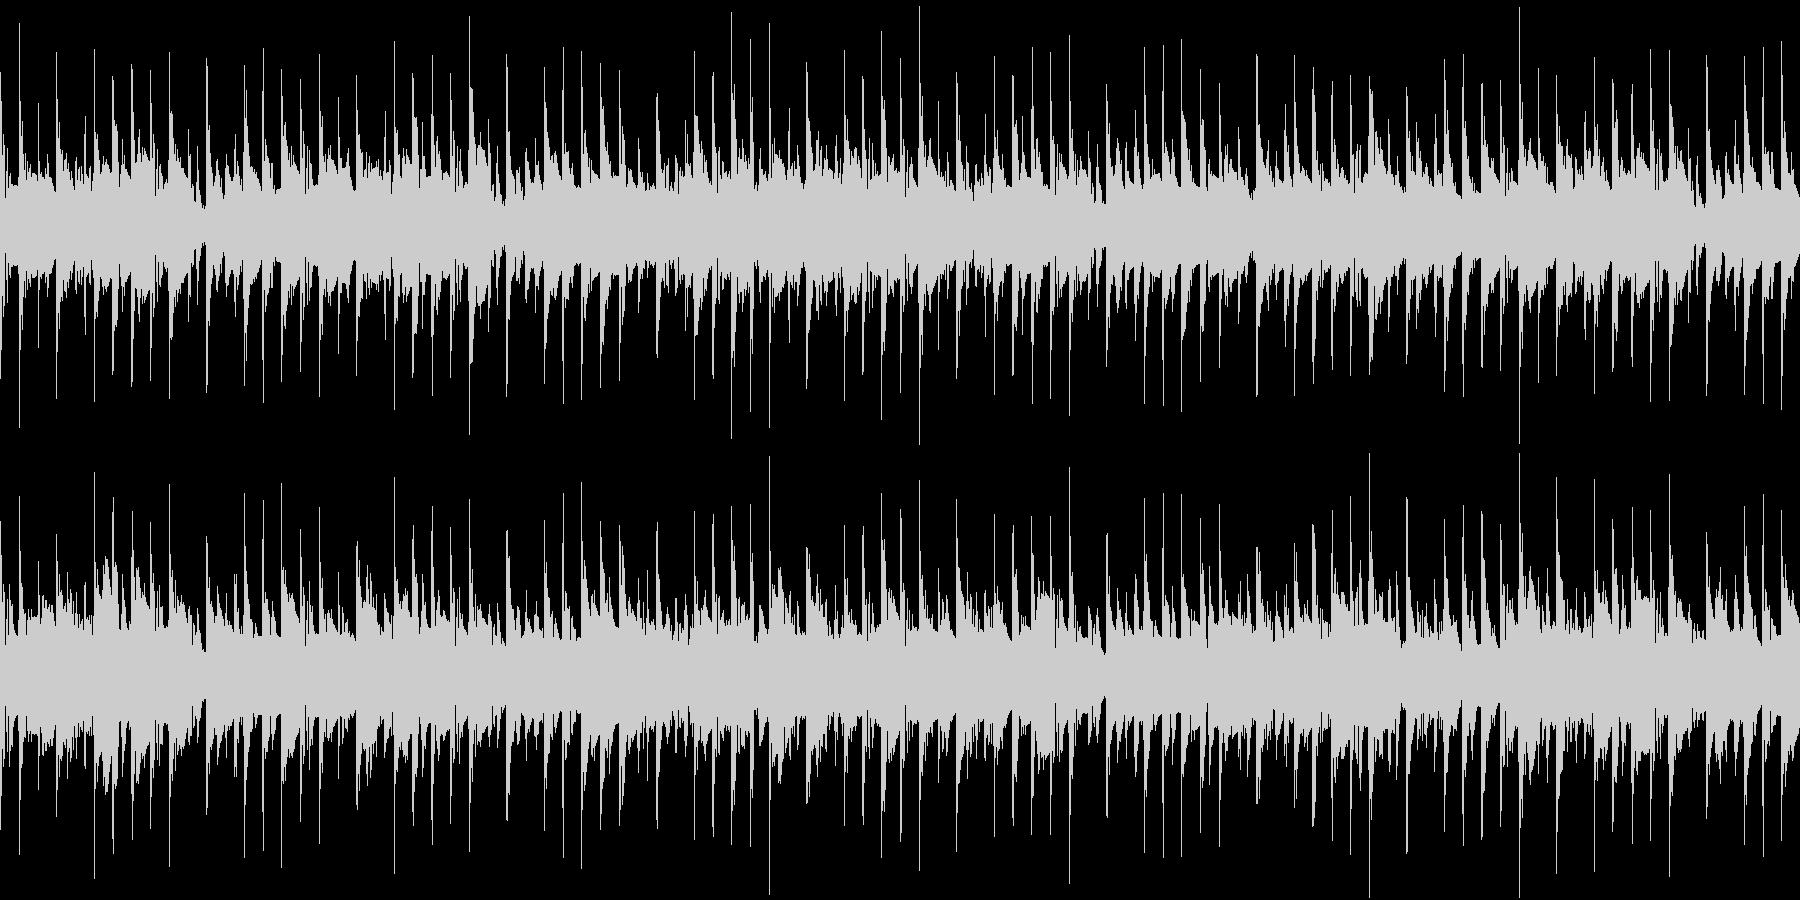 迷宮を彷徨う不安感のあるループ曲の未再生の波形